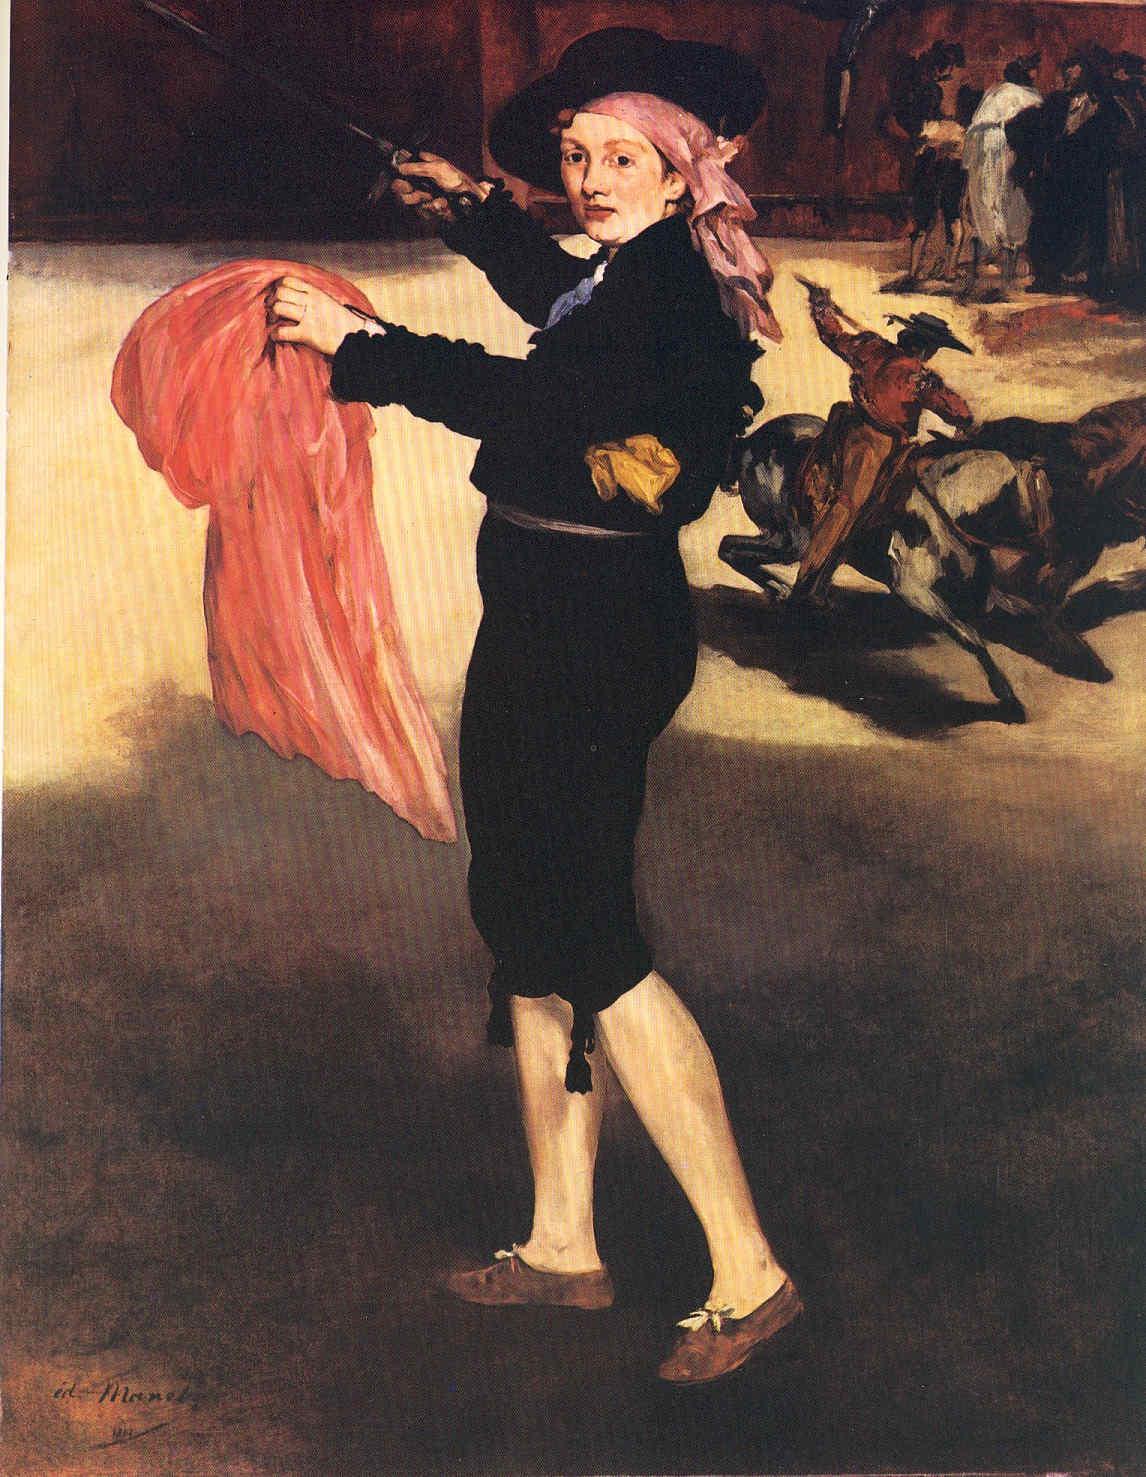 La Pintura 56 Manet el líder del grupo